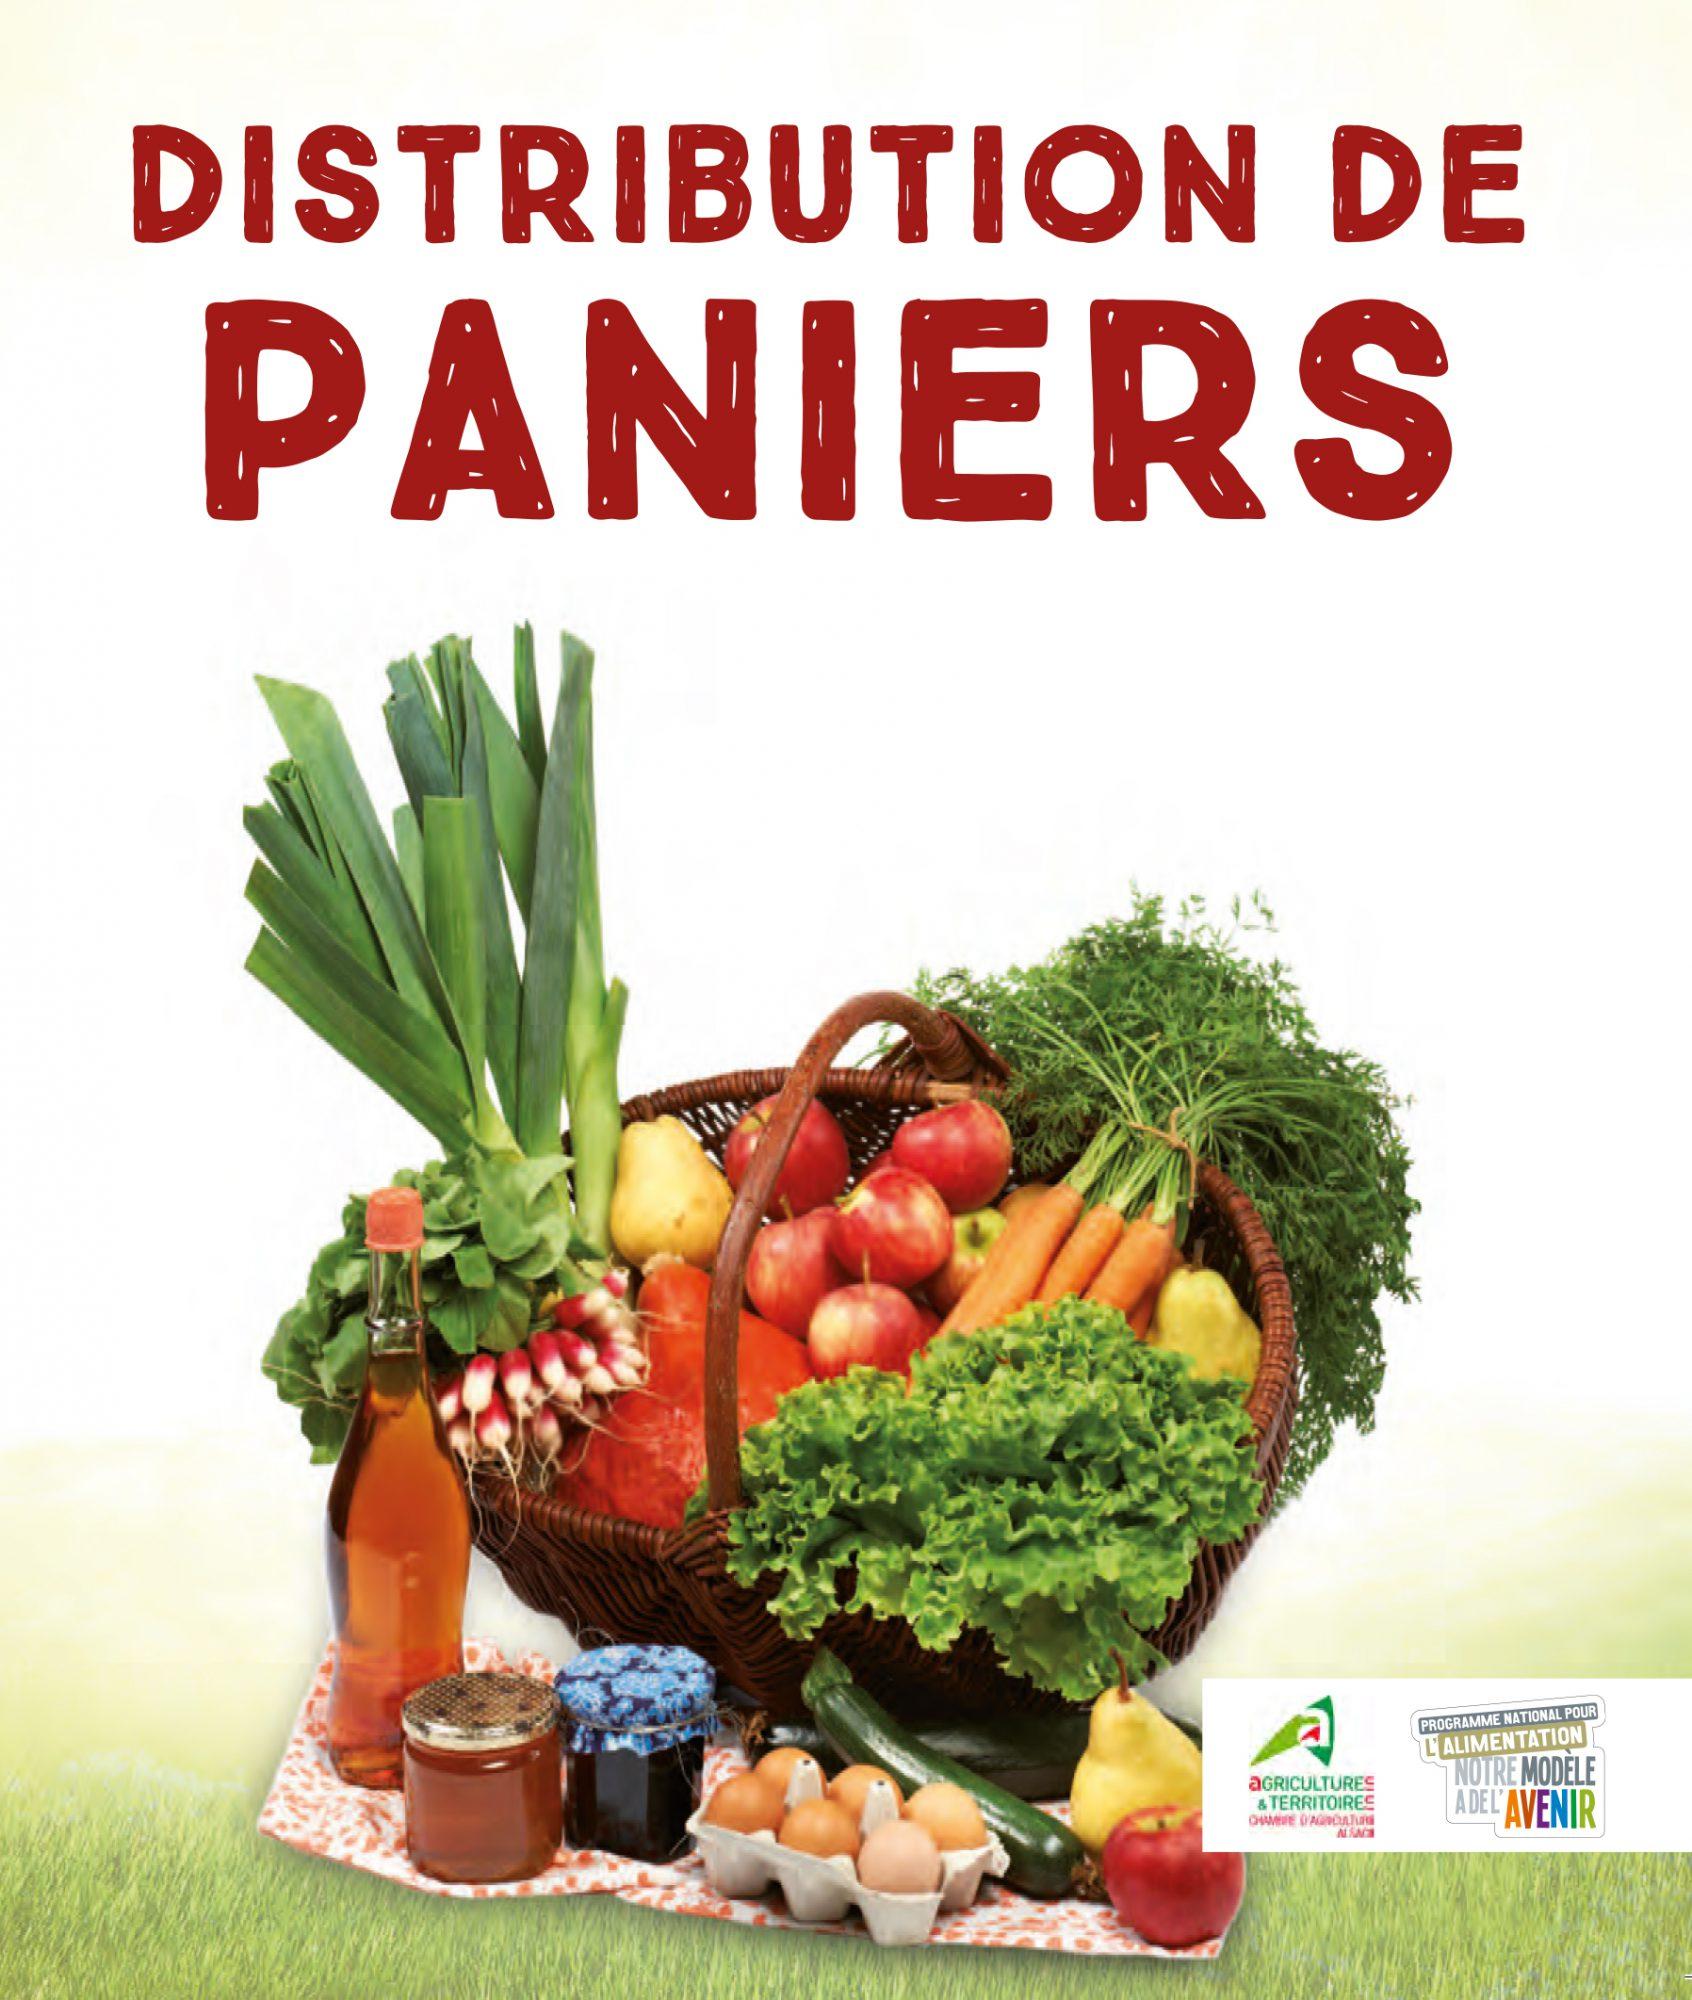 panier-fermier-lieux-distribution